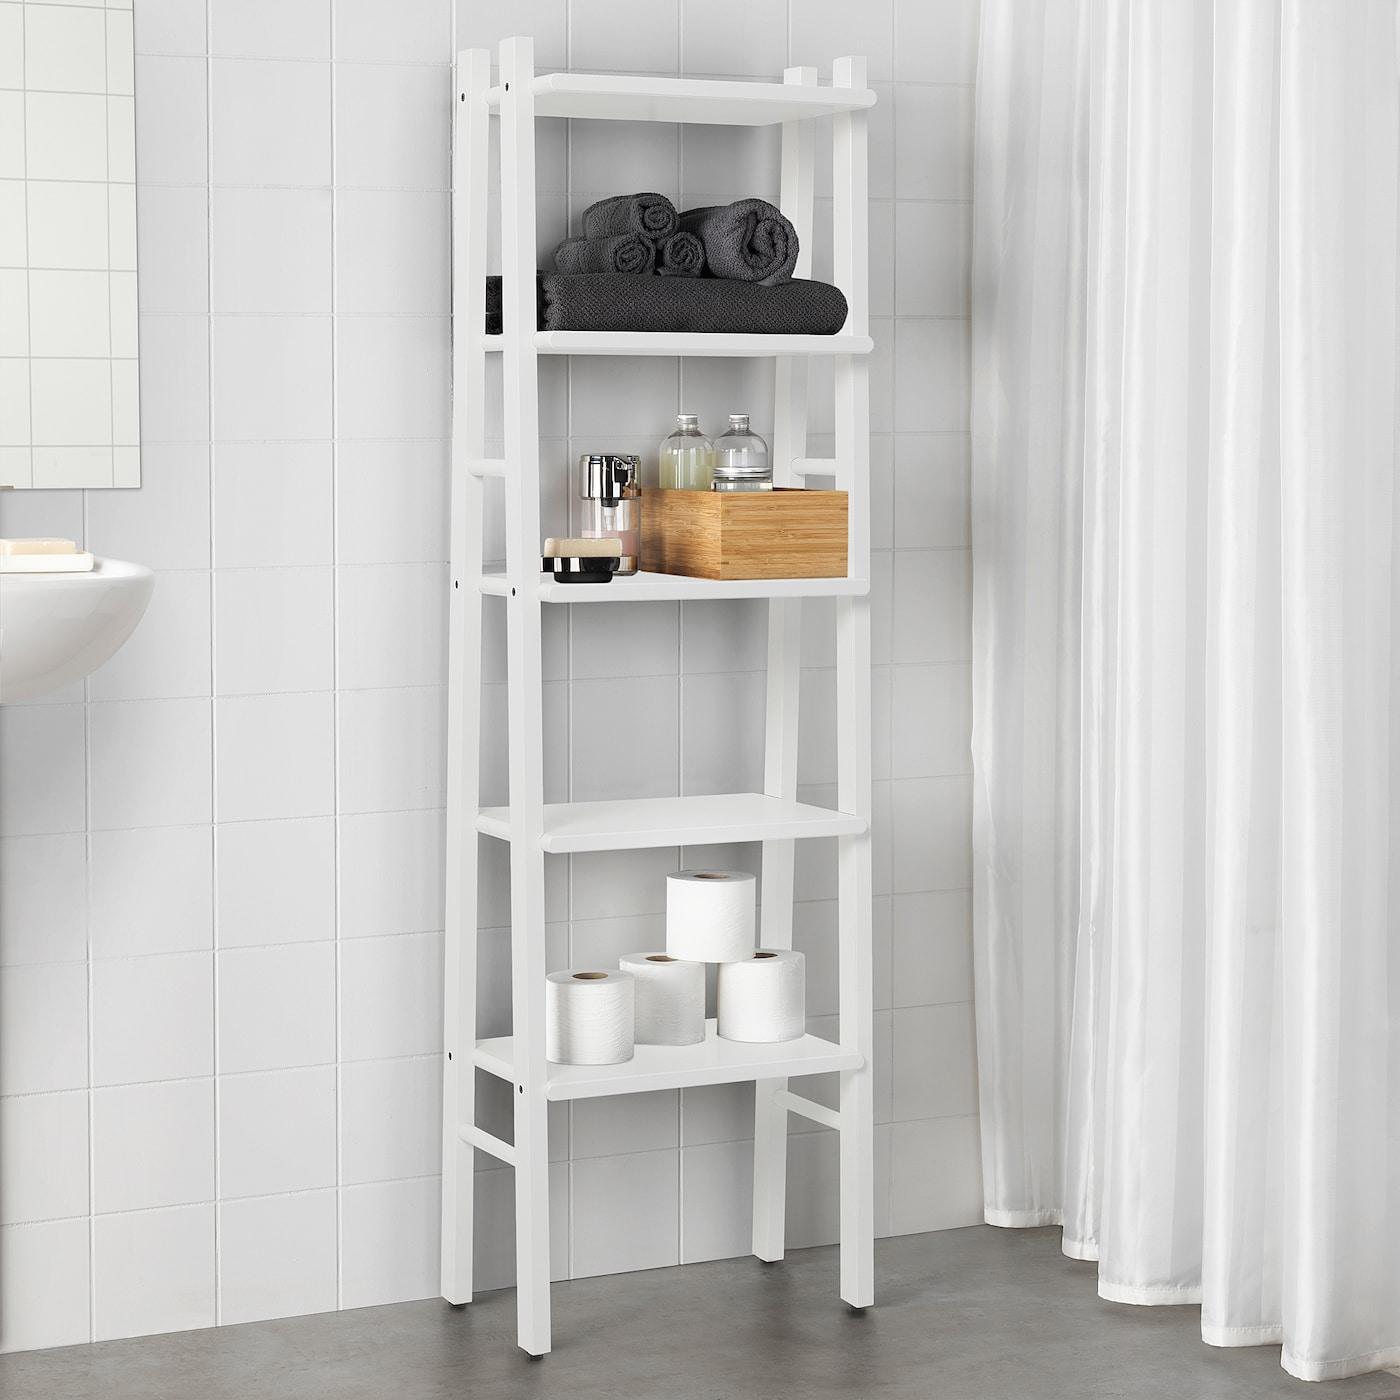 VILTO Regal Birke IKEA Österreich